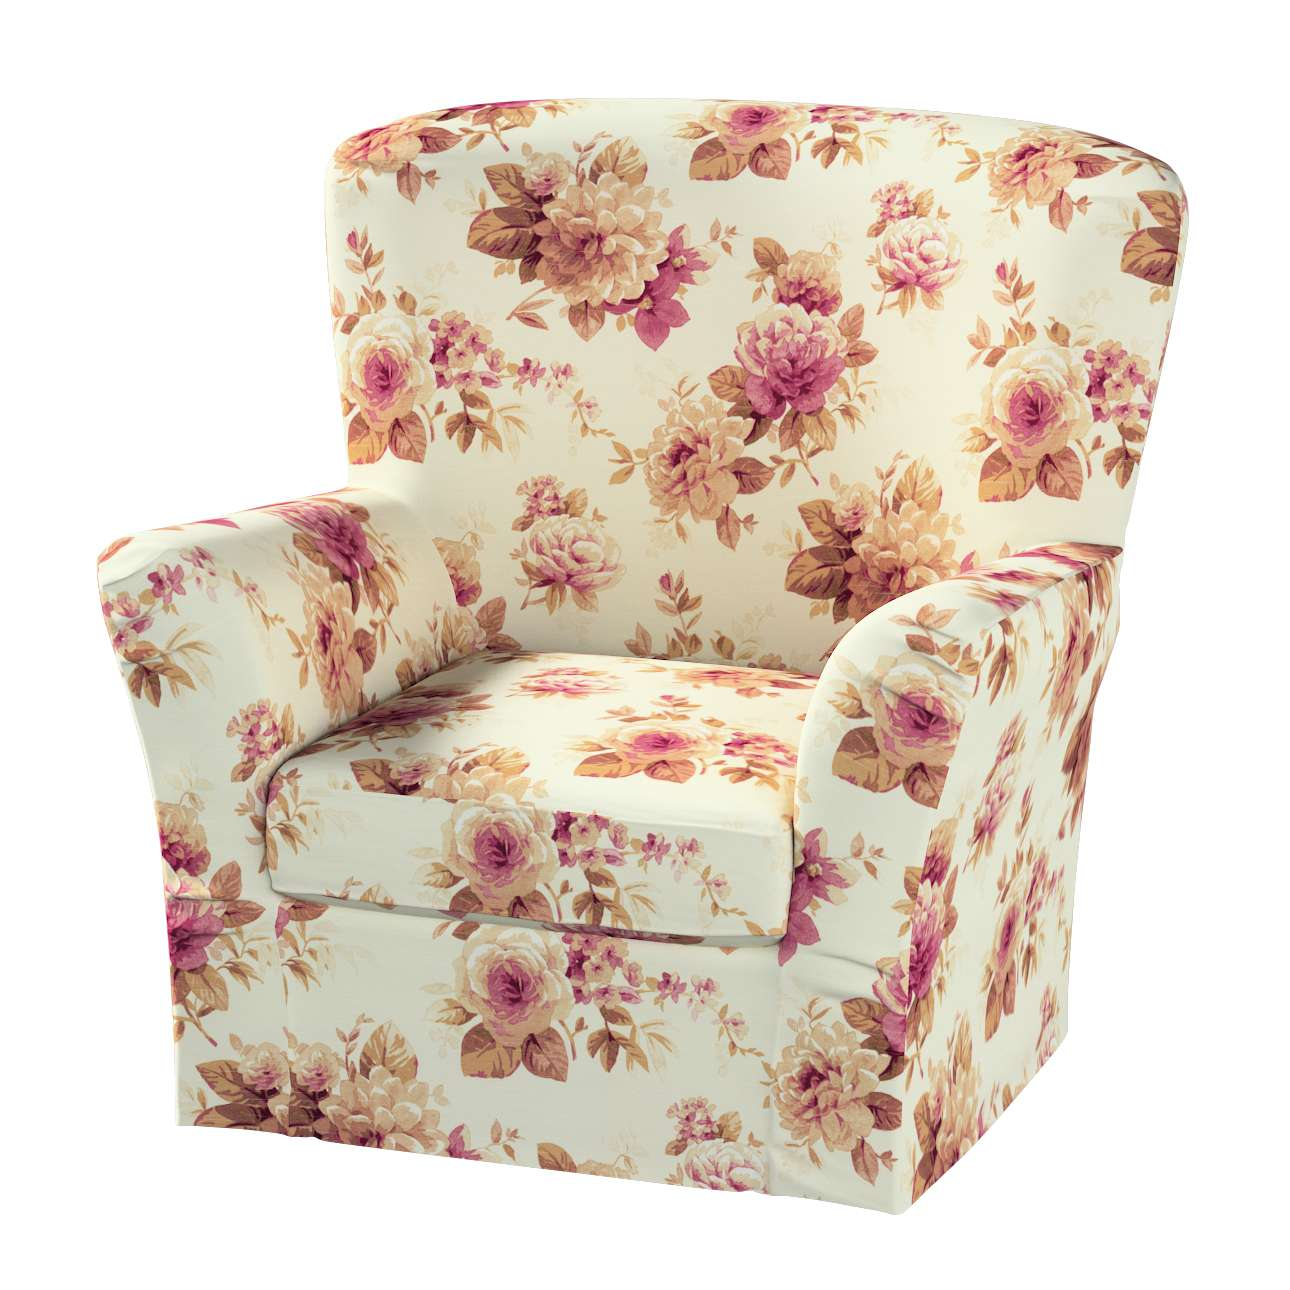 Pokrowiec na fotel Tomelilla z zakładkami fotel Tomelilla w kolekcji Mirella, tkanina: 141-06